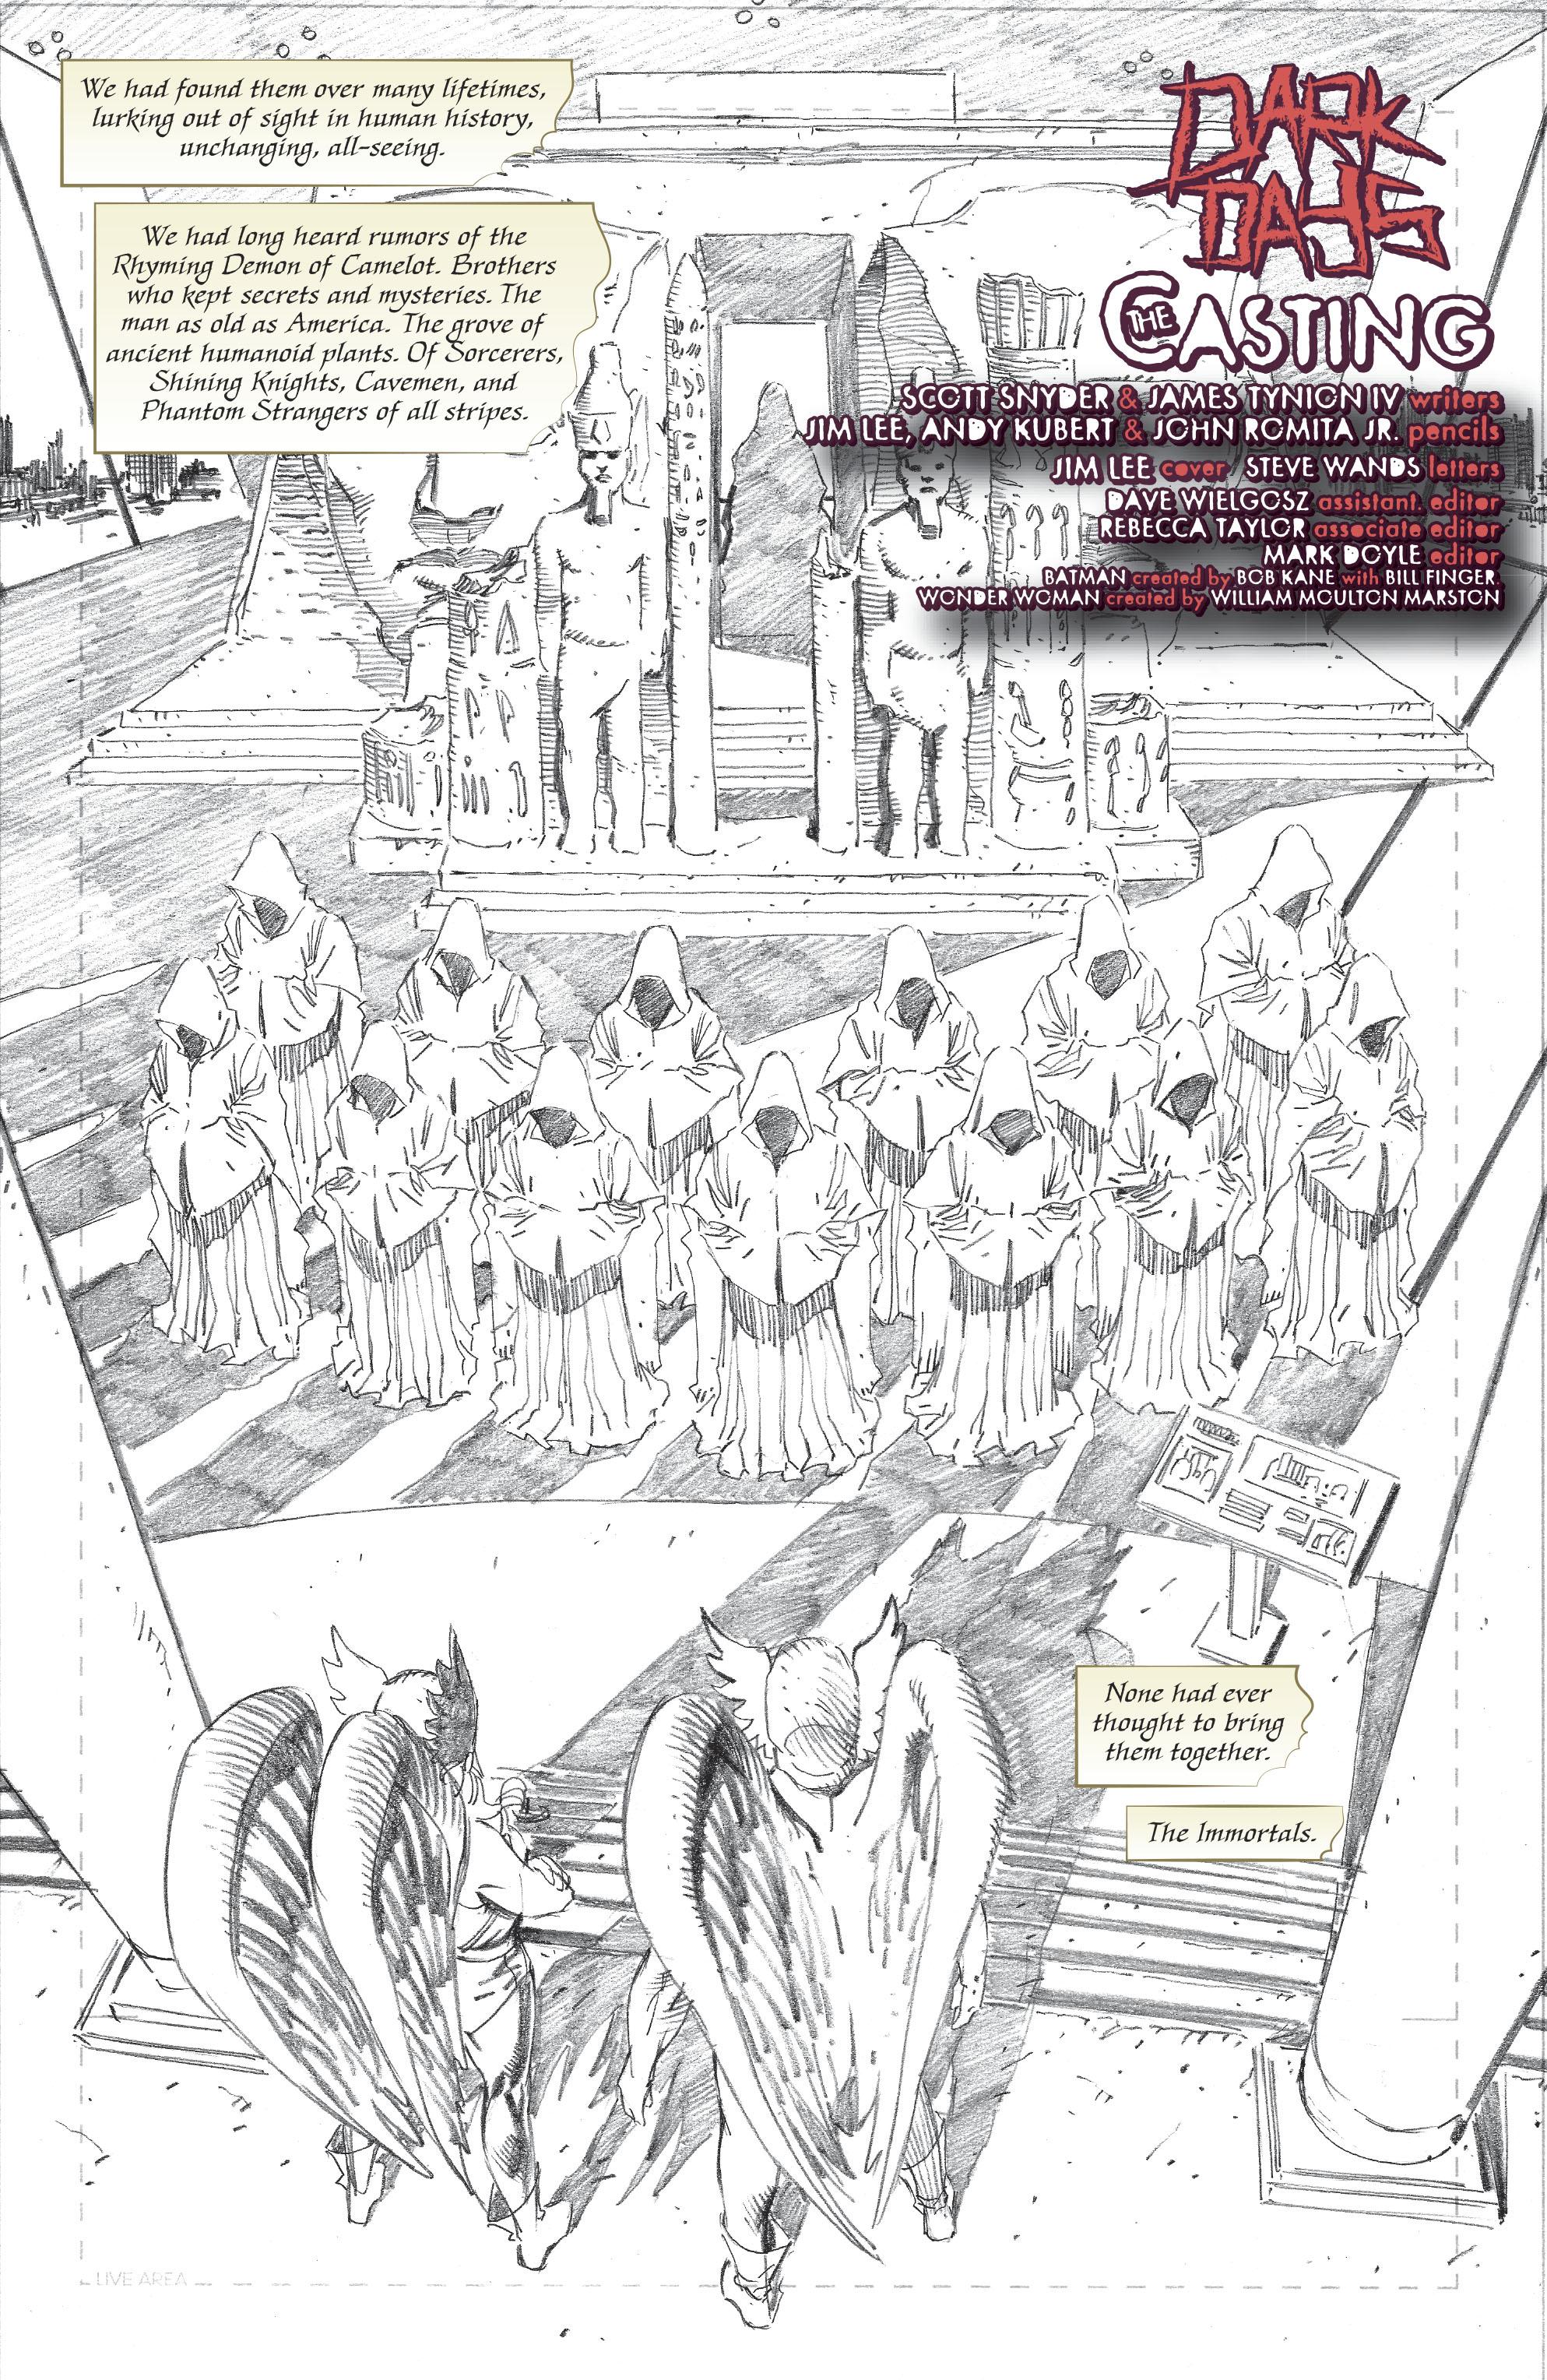 黑暗日子:The Forge / The Casting Director's Cut(2017): Chapter 1 - Page 黑暗日子:The Forge / The Casting Director's Cut(2017)